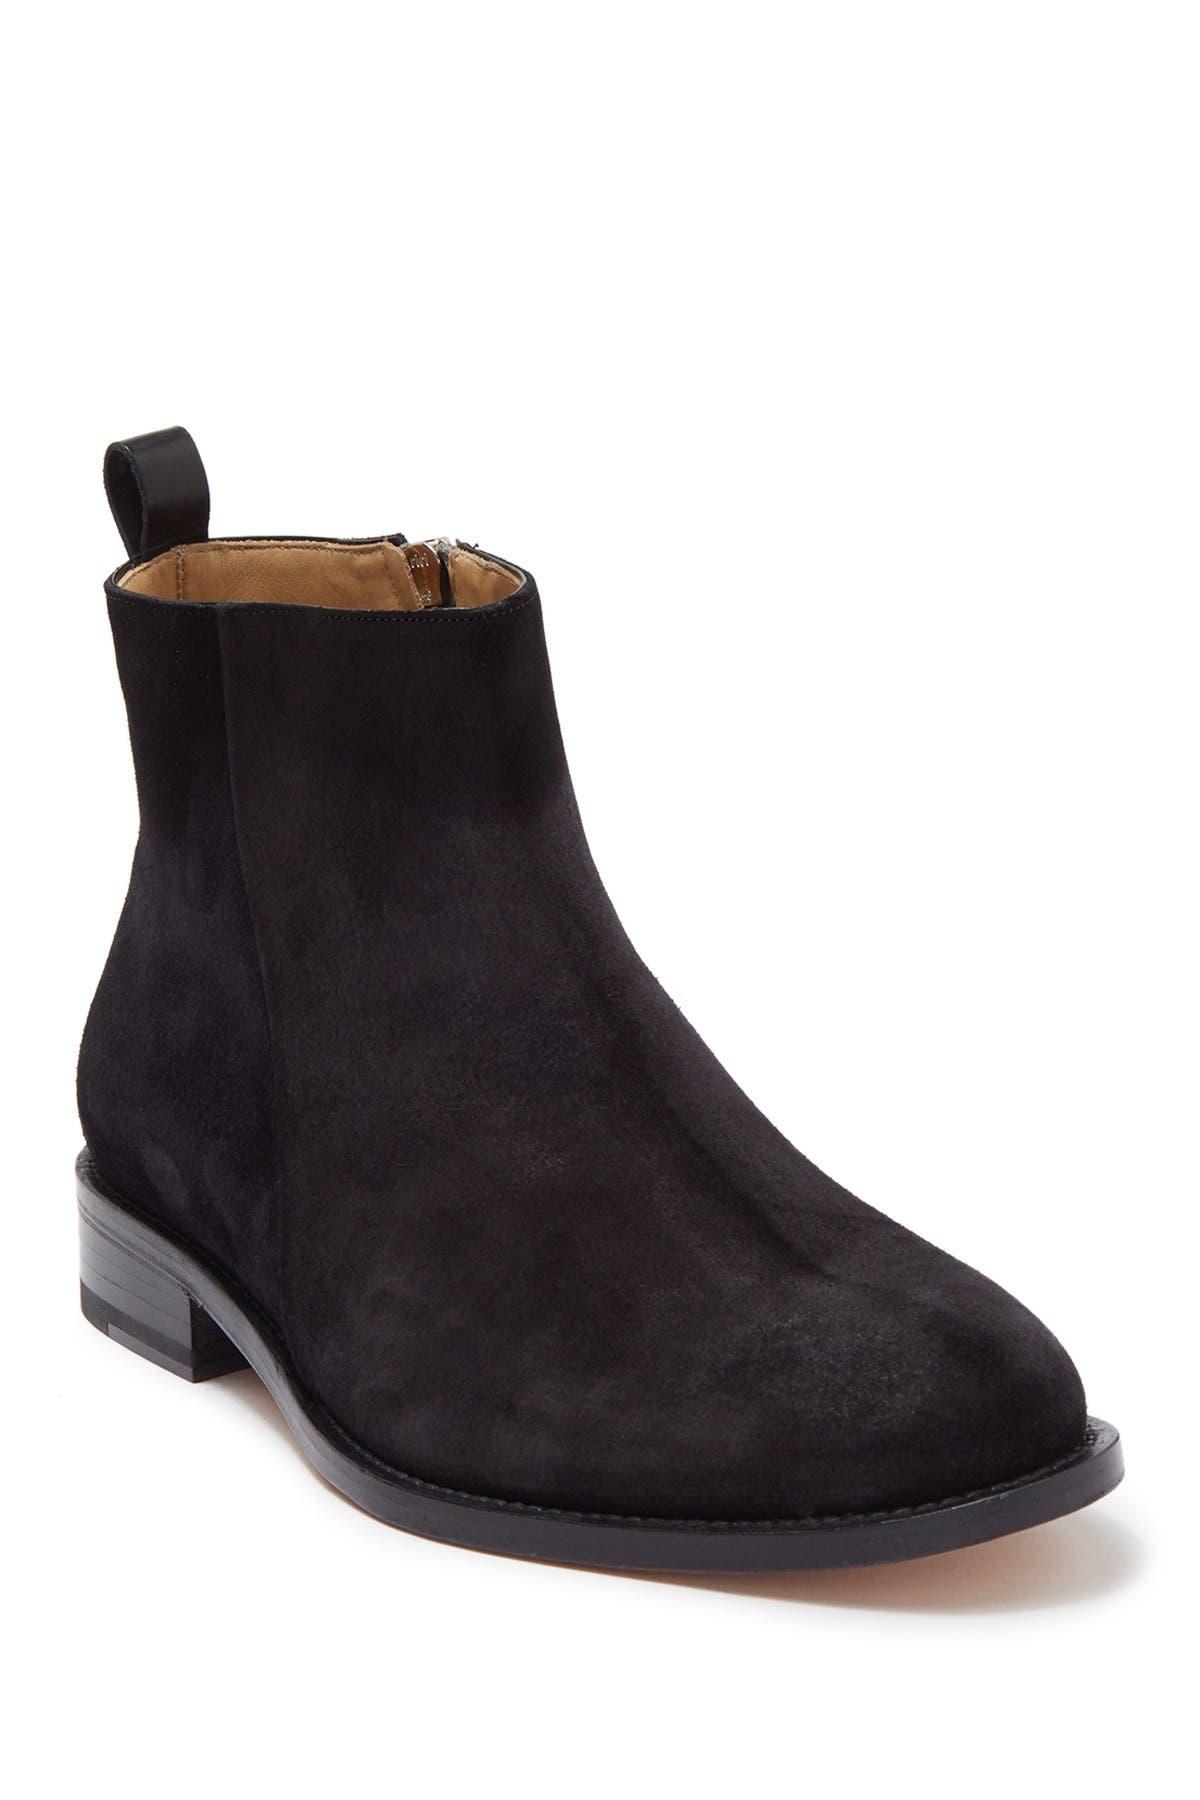 Image of Collegium Zipper Ankle Boot